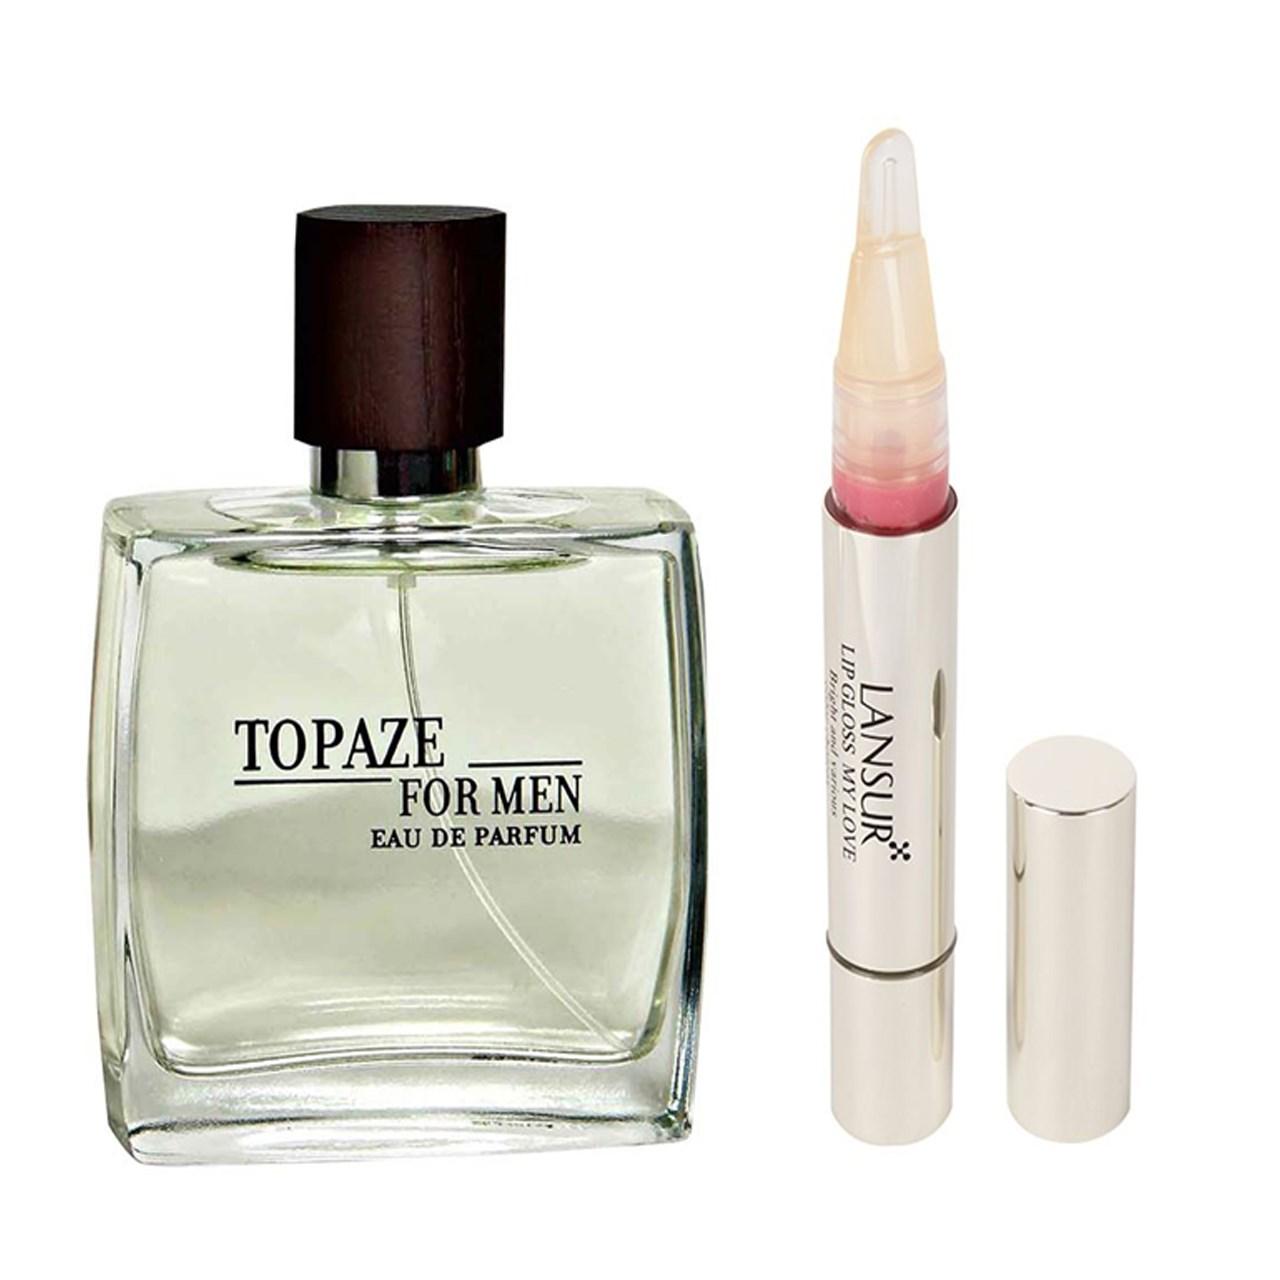 ادو پرفیوم مردانه استاویتا مدل Topaze حجم 100 میلی لیتر به همراه  لاک لب لنسور سری My Love شماره 04